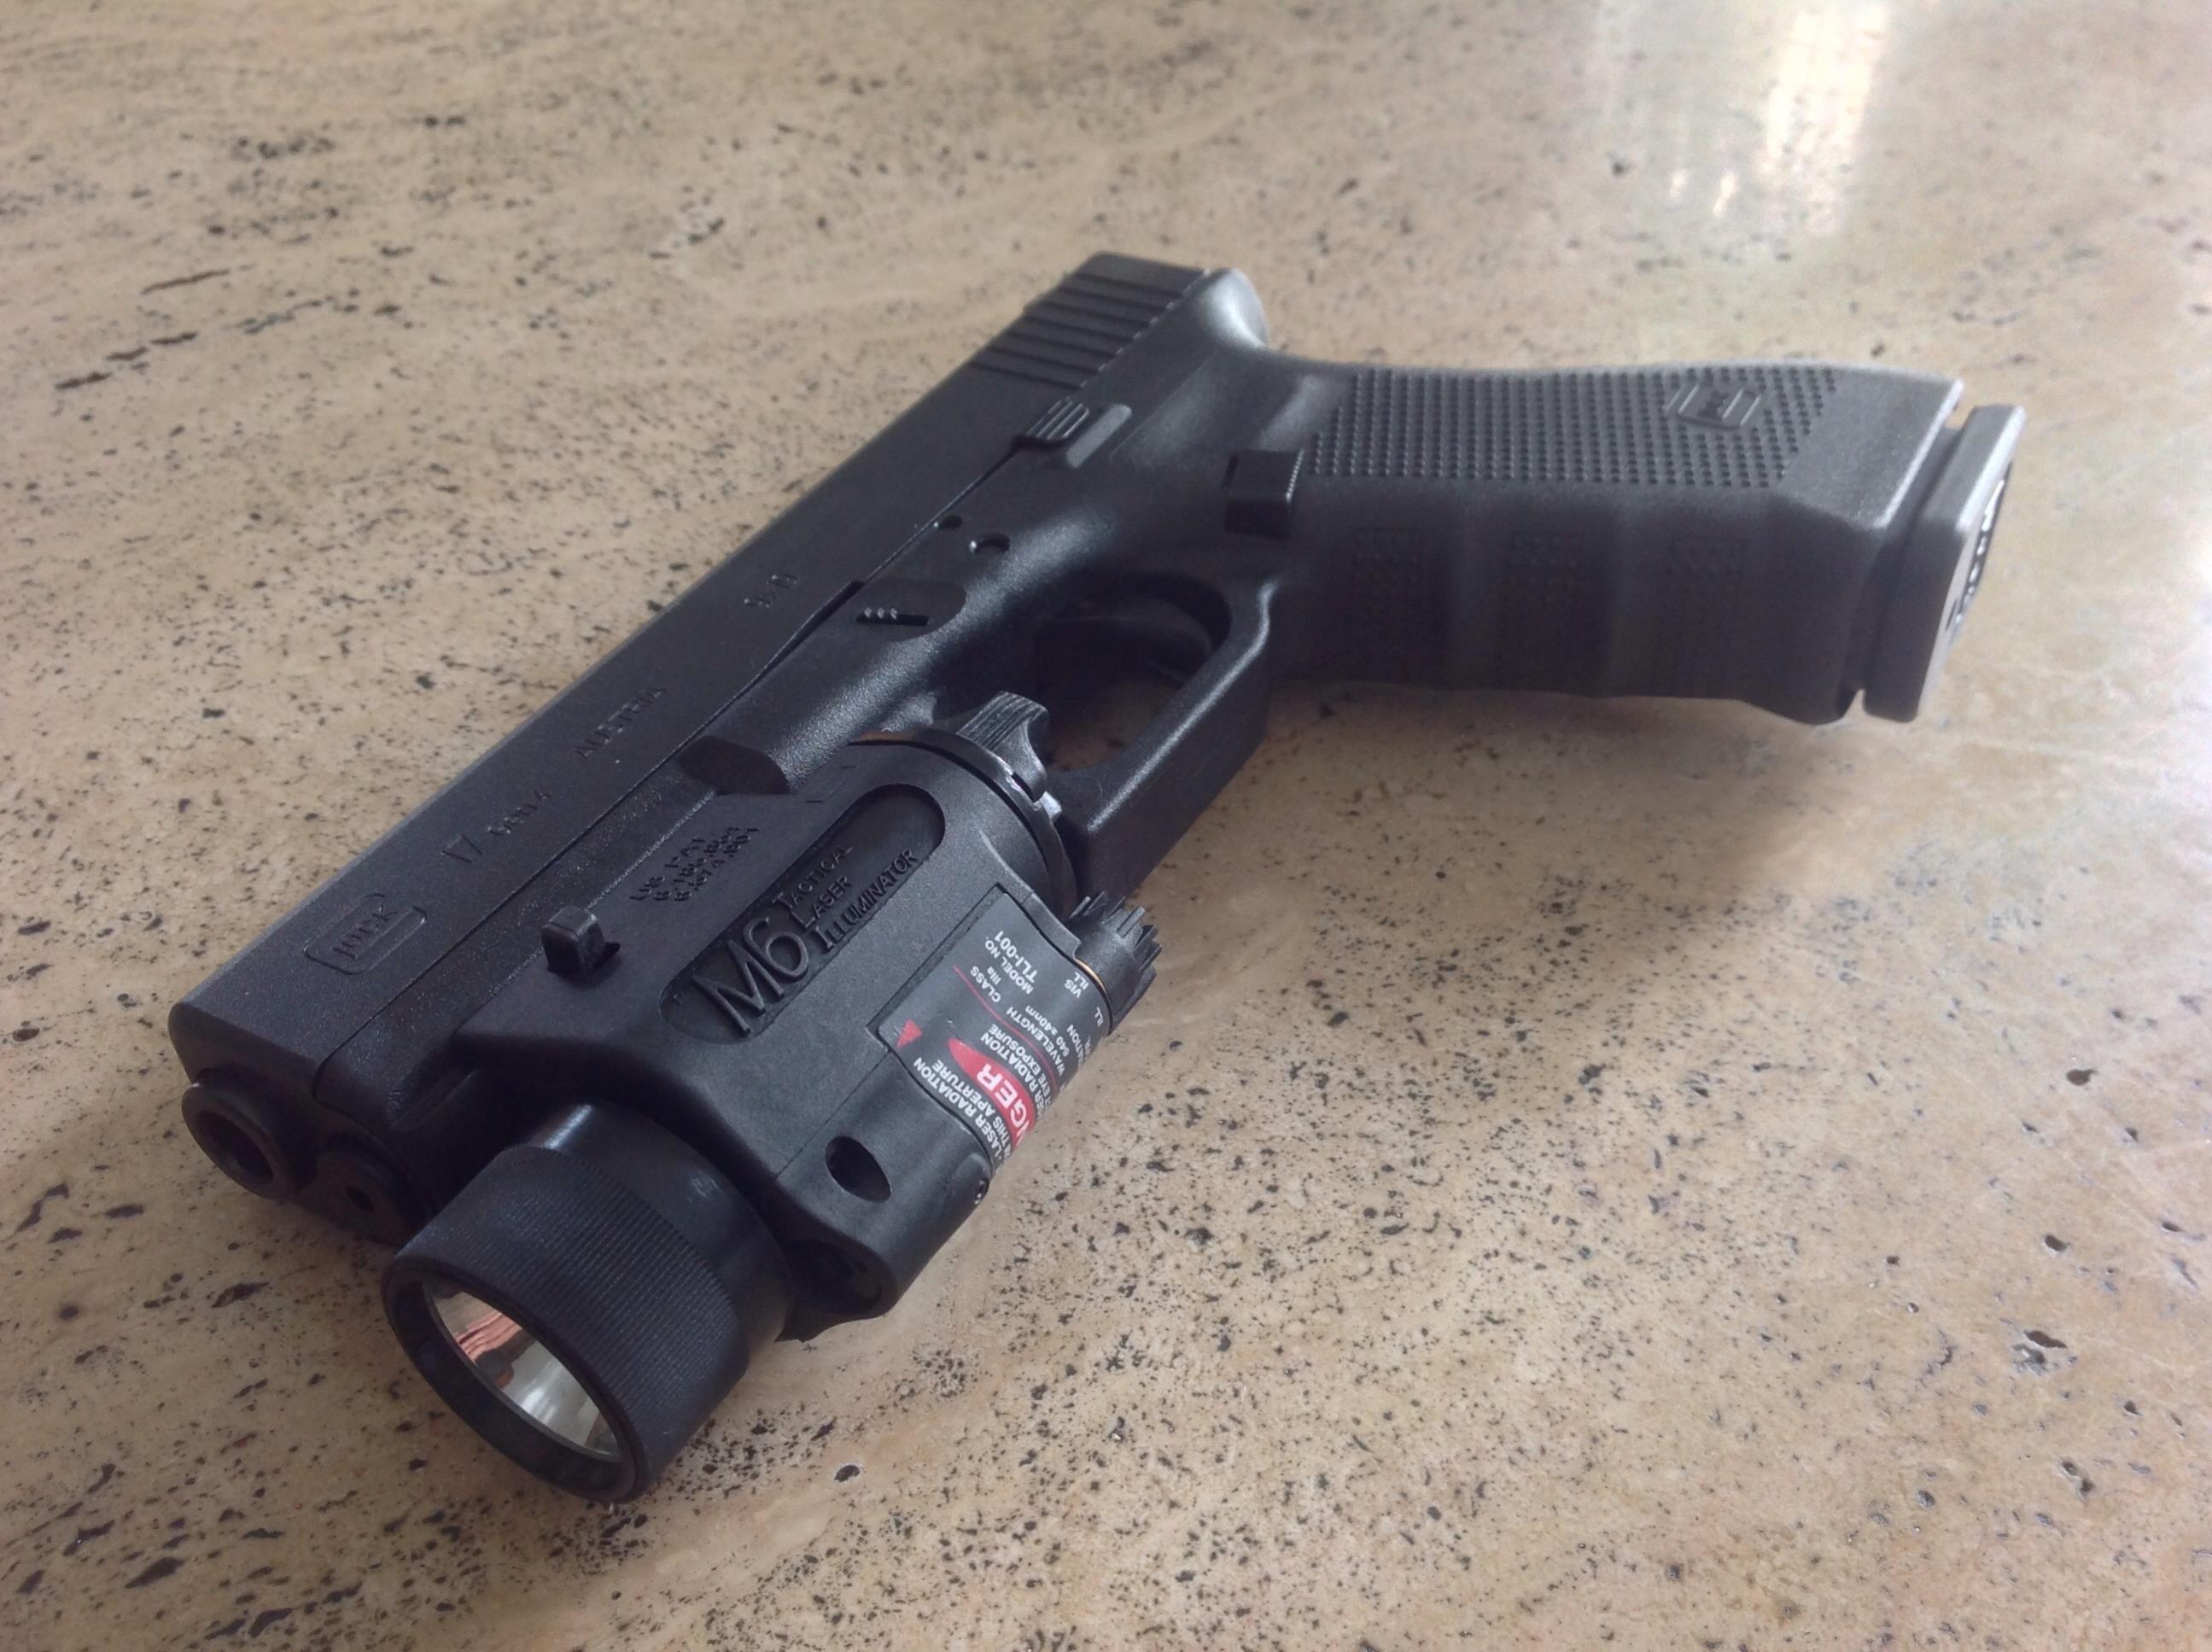 Glock 17 Gen 4 High Definition